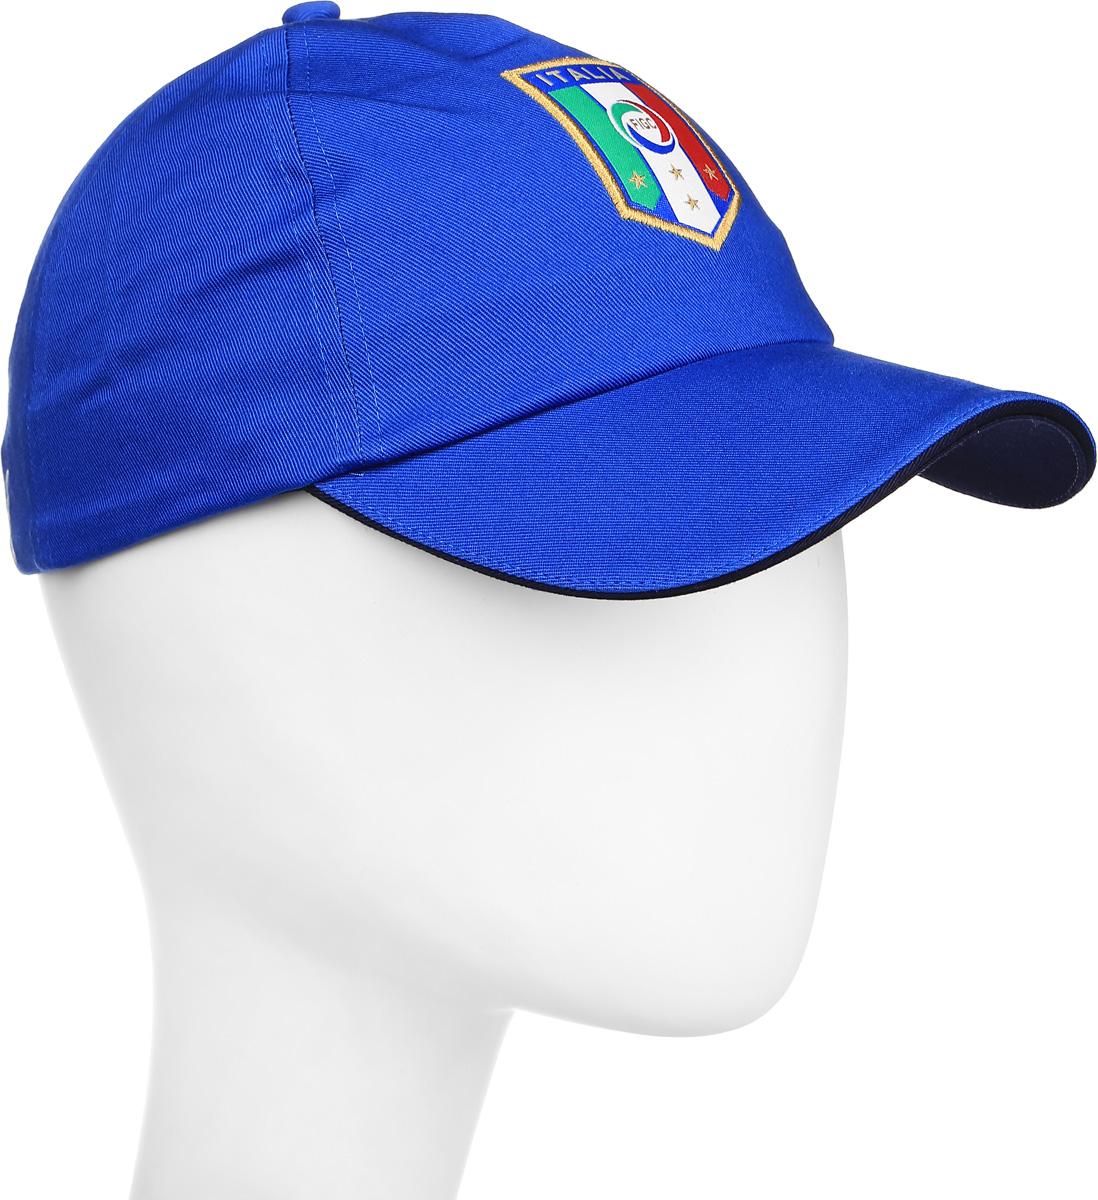 Бейсболка Puma Italia Team Training, цвет: голубой. 02101702. Размер универсальный021017_02В этой бейсболке от Puma с вышитой эмблемой национальной сборной Италии по футболу вы не только не останетесь незамеченным, но и сможете поддержать любимую команду. Бейсболка снабжена удобной застежкой с пряжкой сзади для оптимальной посадки. Материал – мягкая и долговечная ткань саржевого переплетения из 100% хлопка.